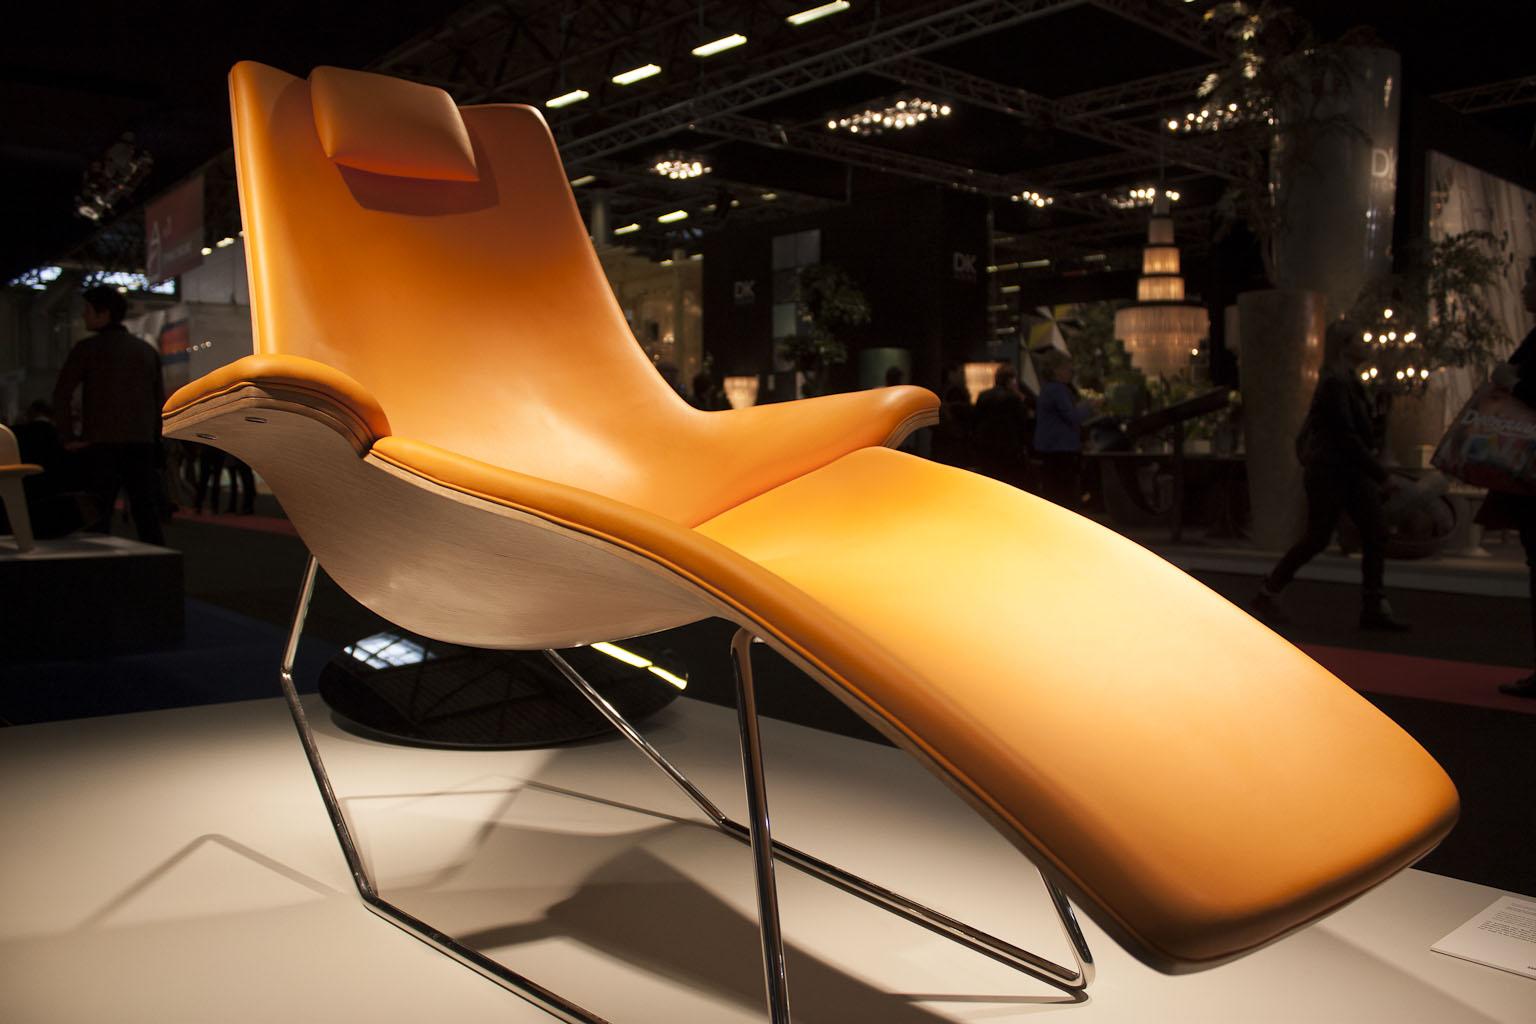 Fauteuil relax Max, Moïse Studio, VIA Design, Maison et objet janvier 2014